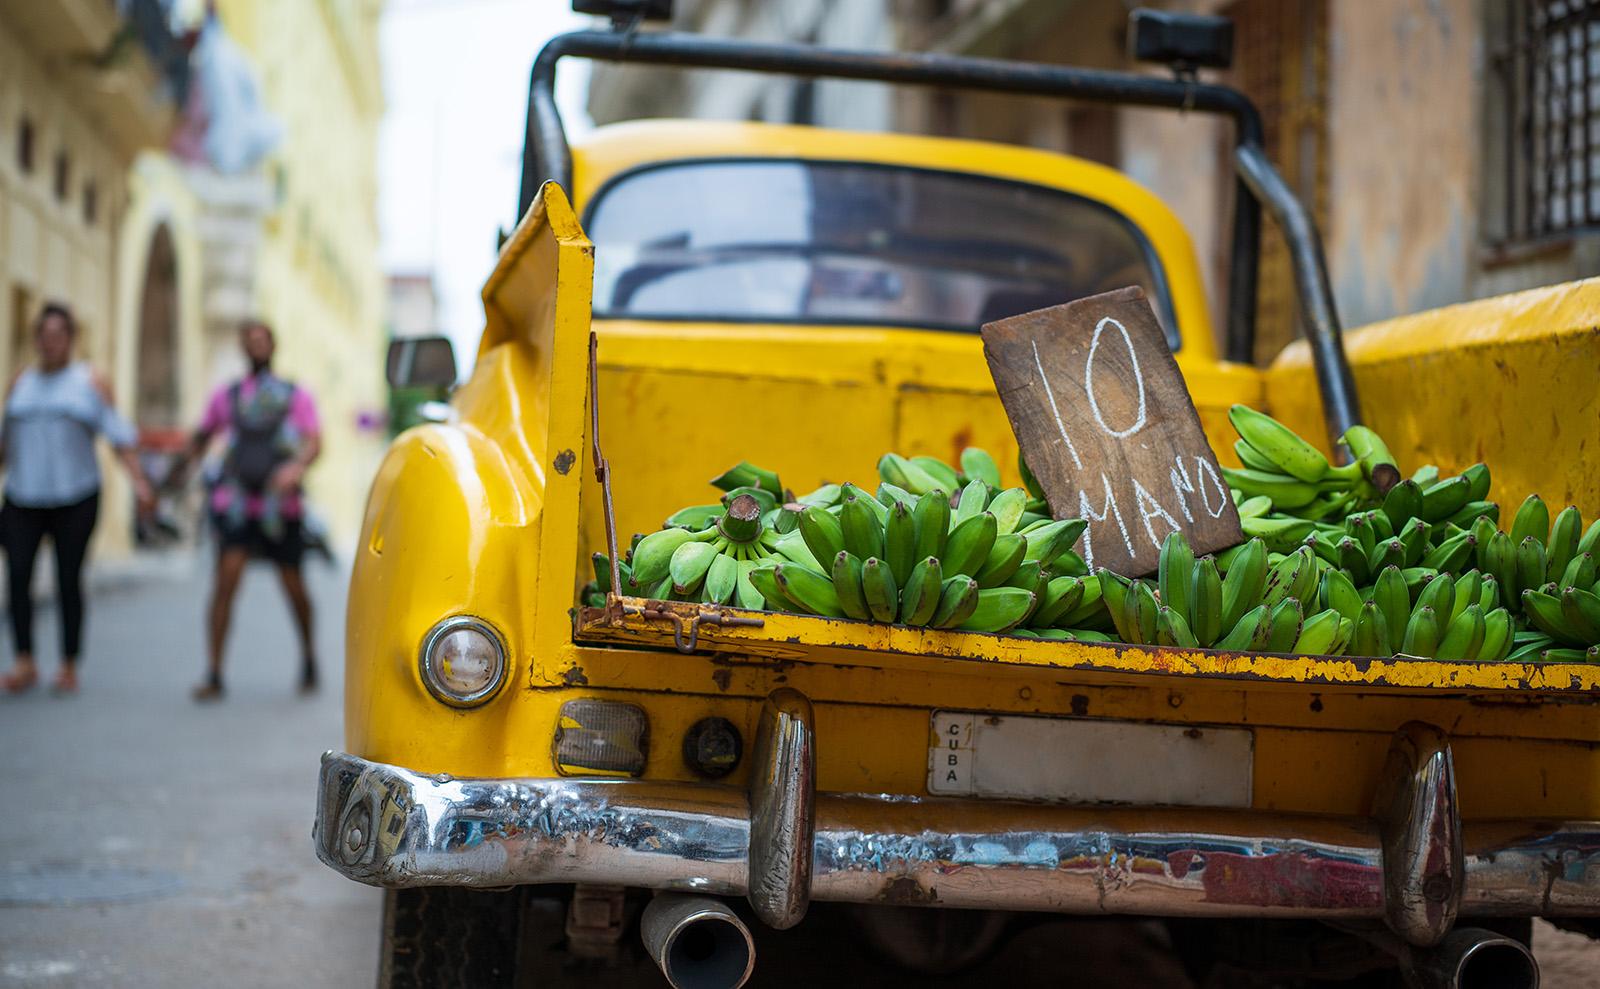 Cuban Picadillo with Plantains Inspired by Leonardo Padura's Novel 'Havana Fever'